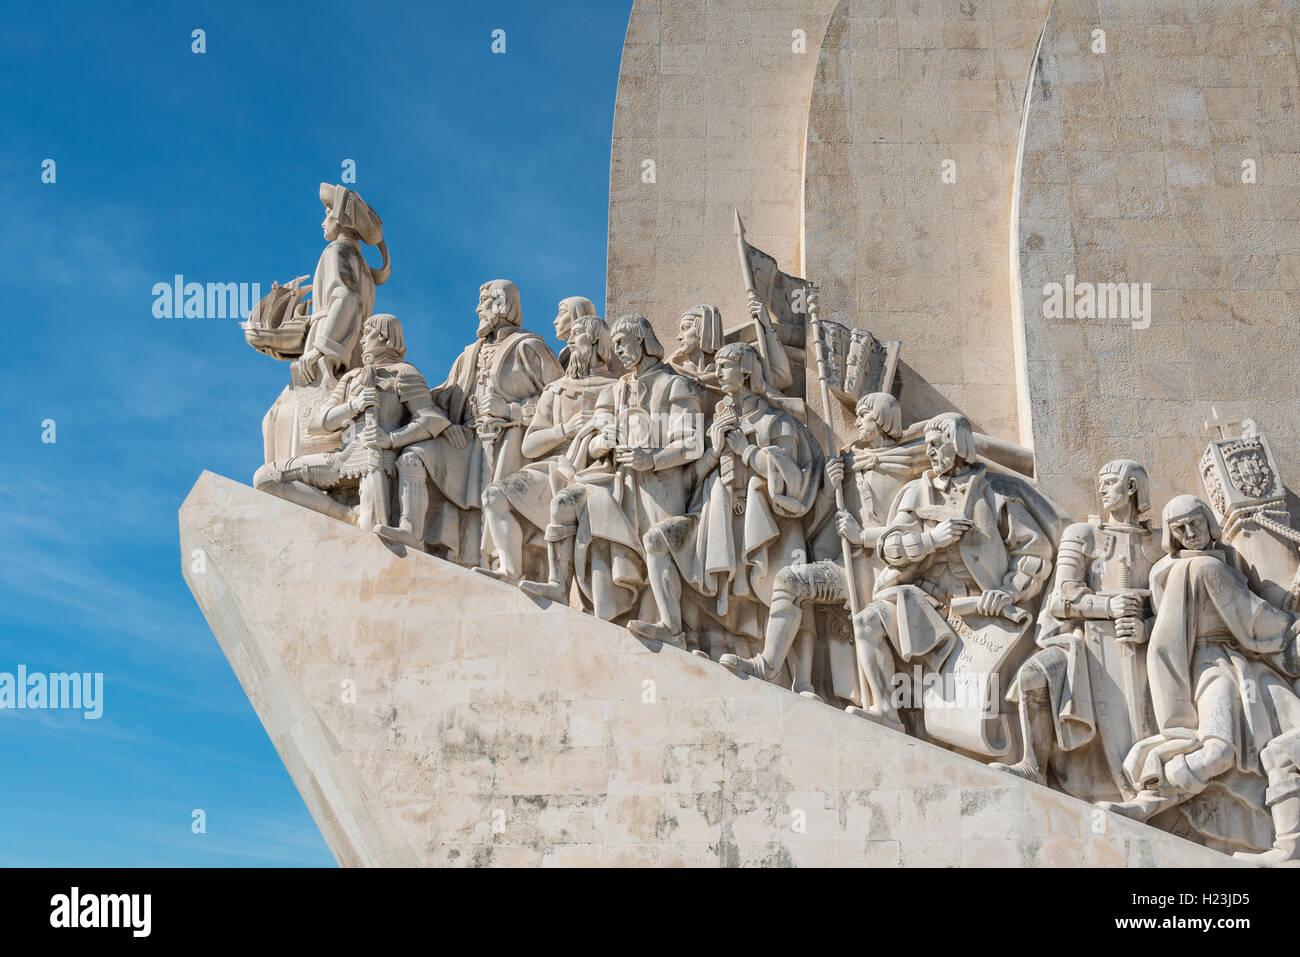 Padrão dos Descobrimentos, un monumento alle scoperte, close-up, Belém, Lisbona, Portogallo Immagini Stock